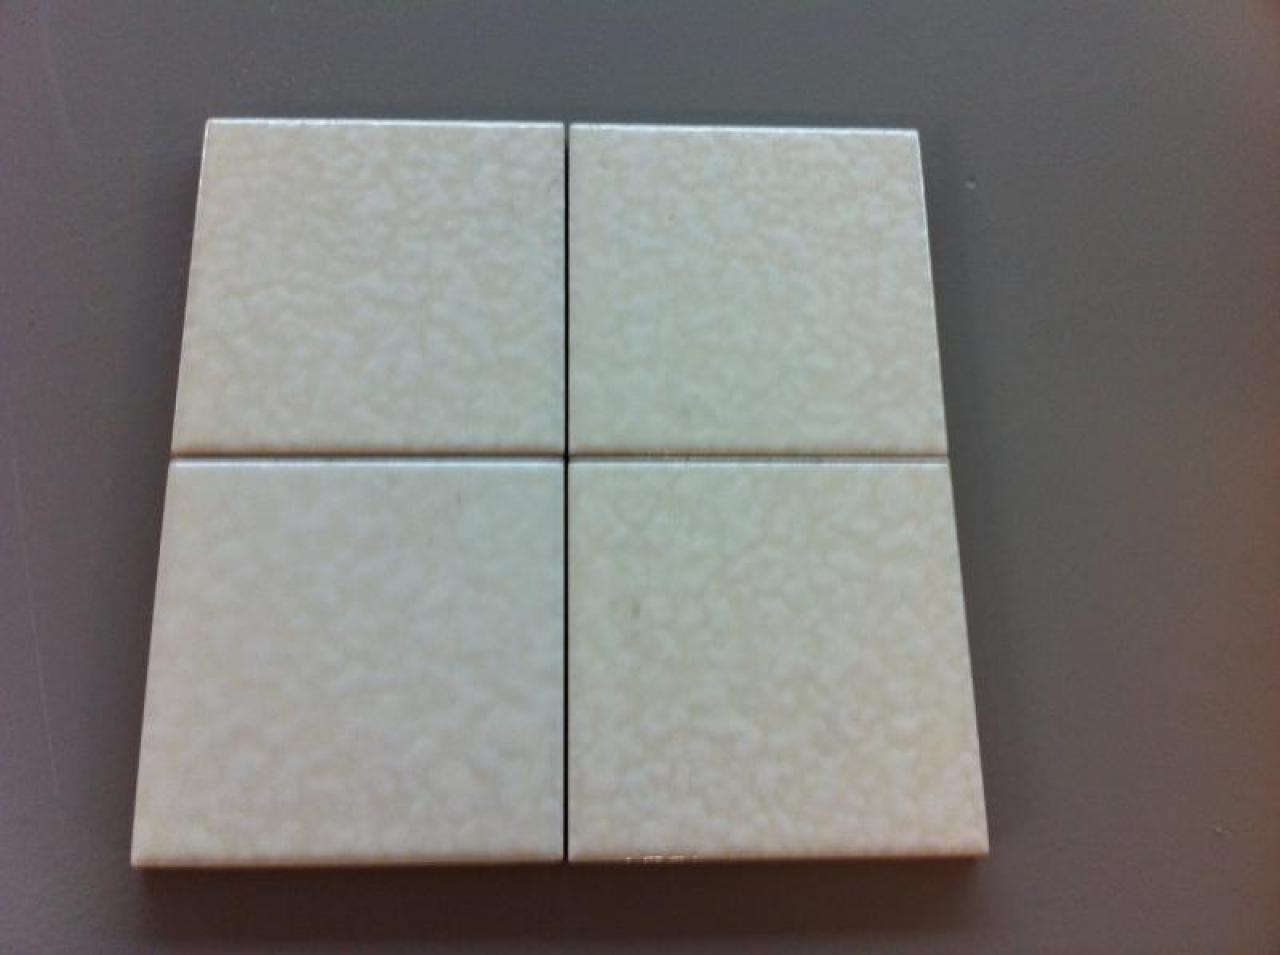 Piastrelle in pietra travertino per pavimenti e rivestimenti